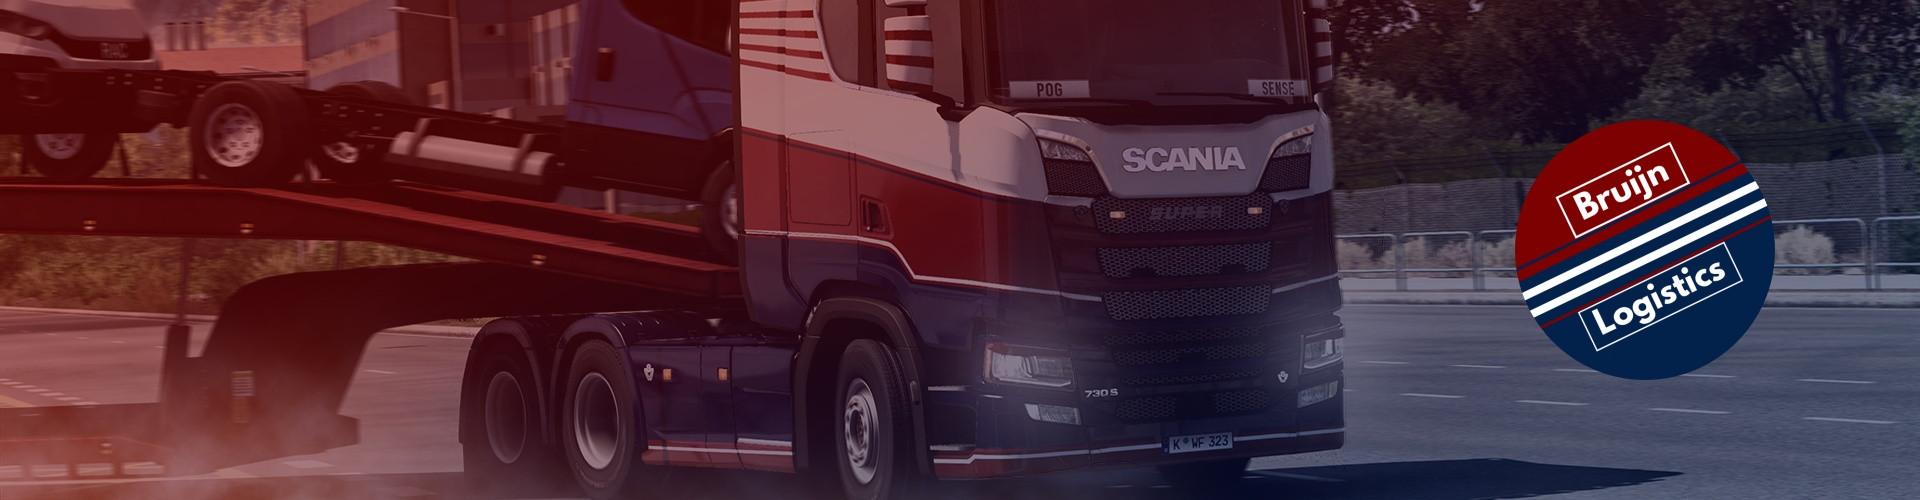 Bruijn Logistics Convoy